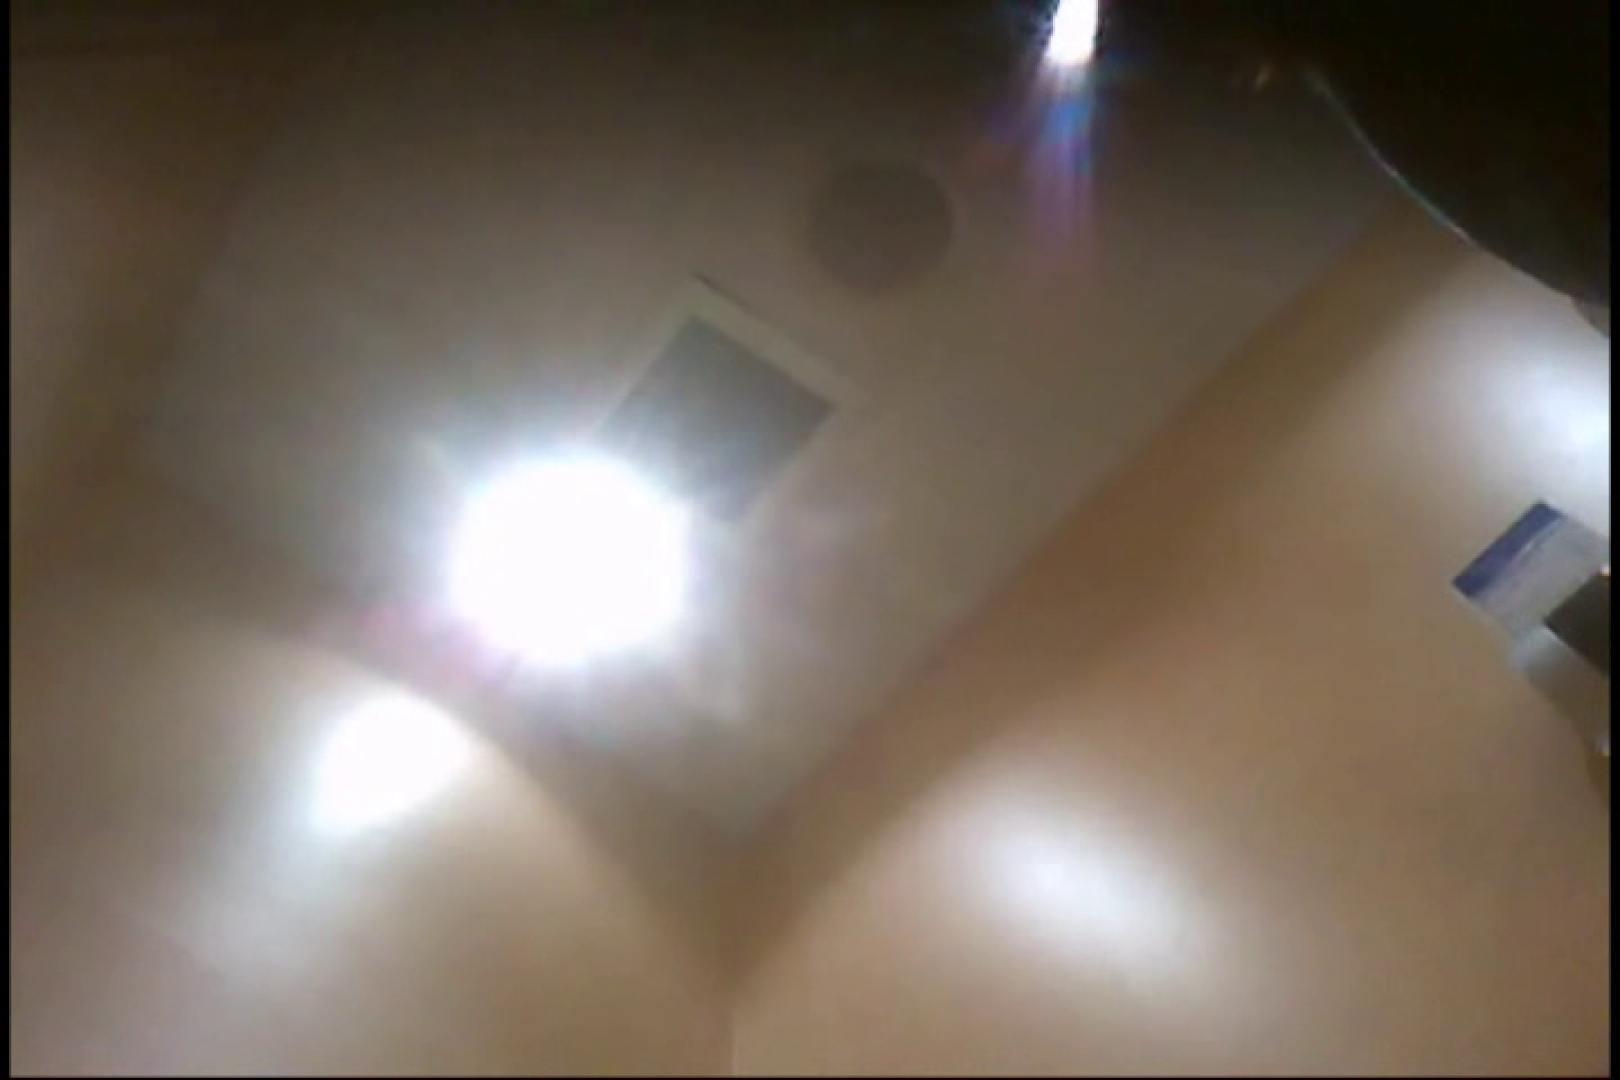 画質向上!新亀さん厠 vol.53 モロだしオマンコ 盗み撮り動画キャプチャ 73pic 4